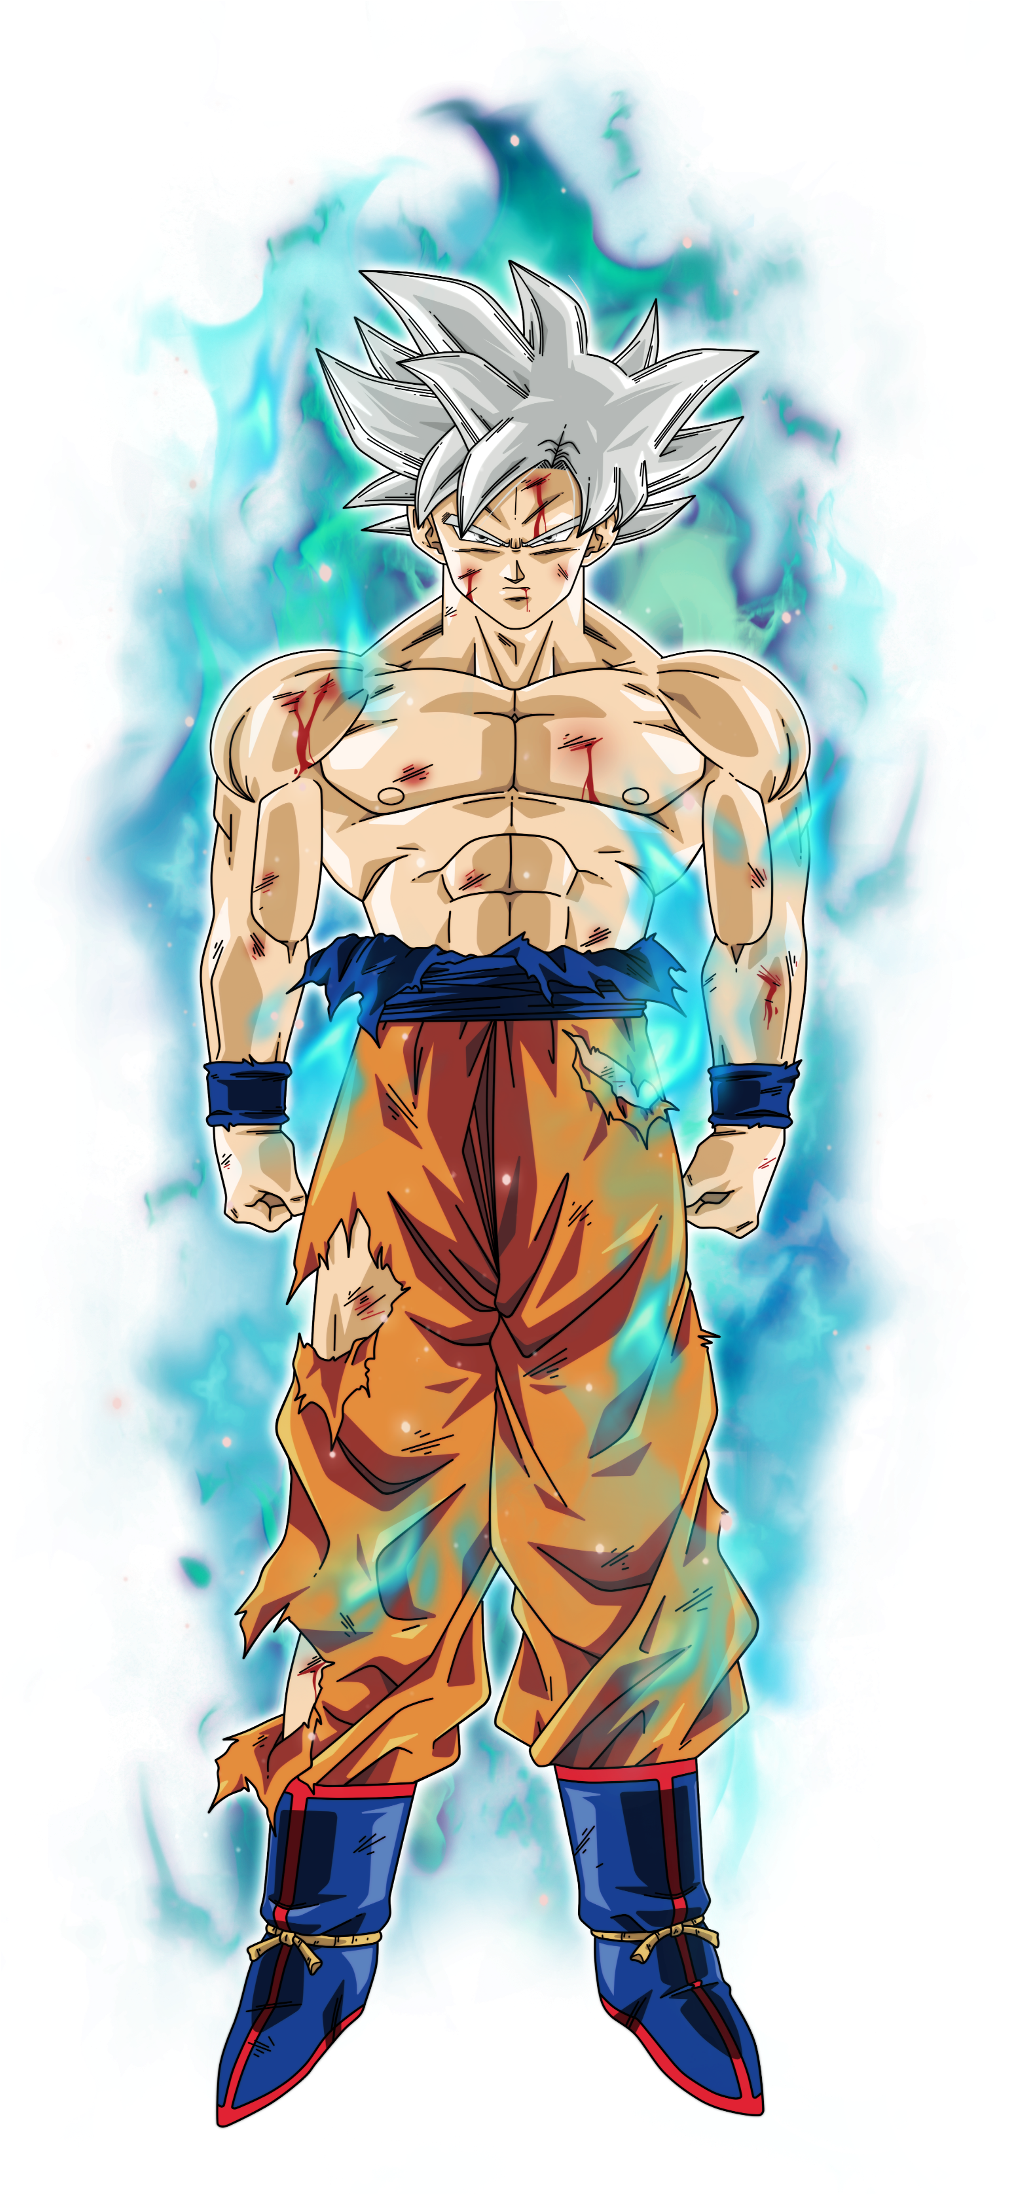 Dbz Live Png Goku Ultra Instinto Dominado 1014x2194 Wallpaper Teahub Io